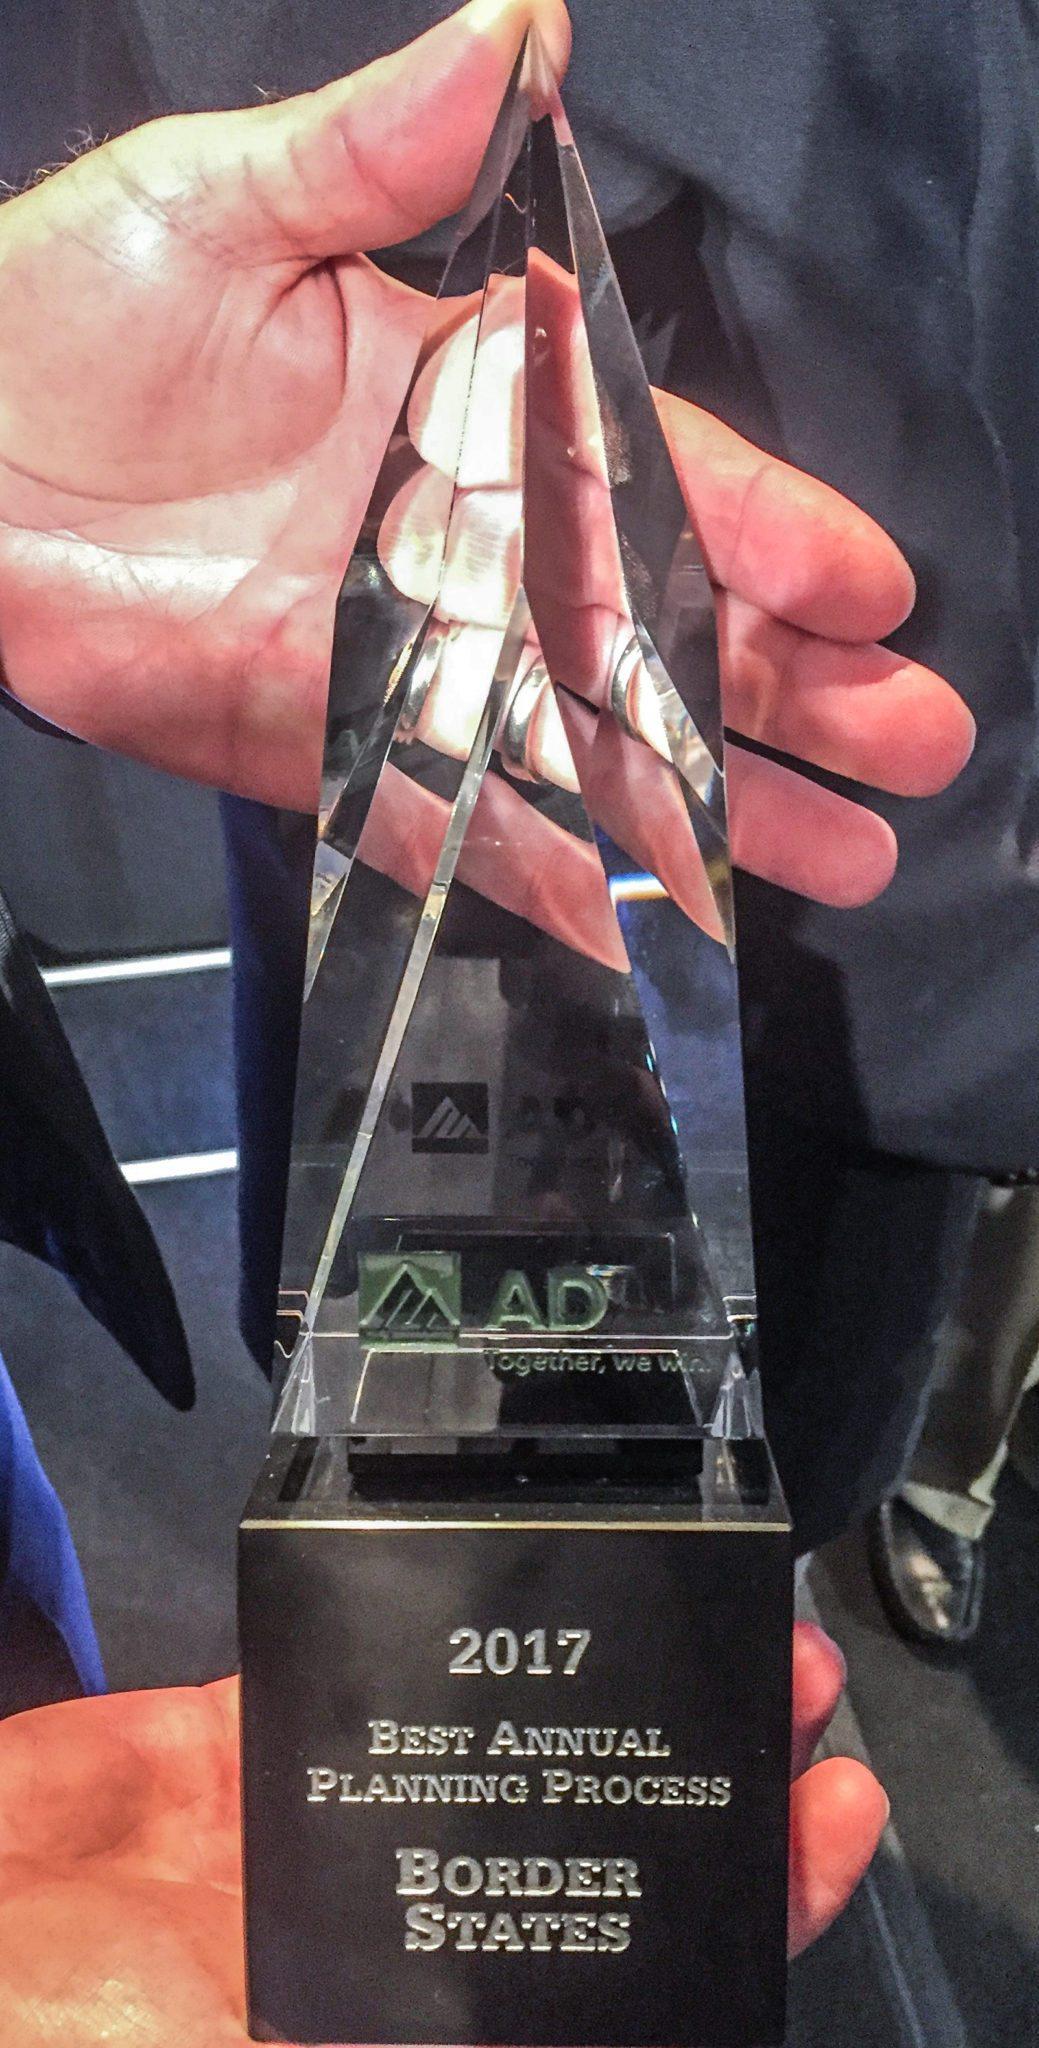 AD Award